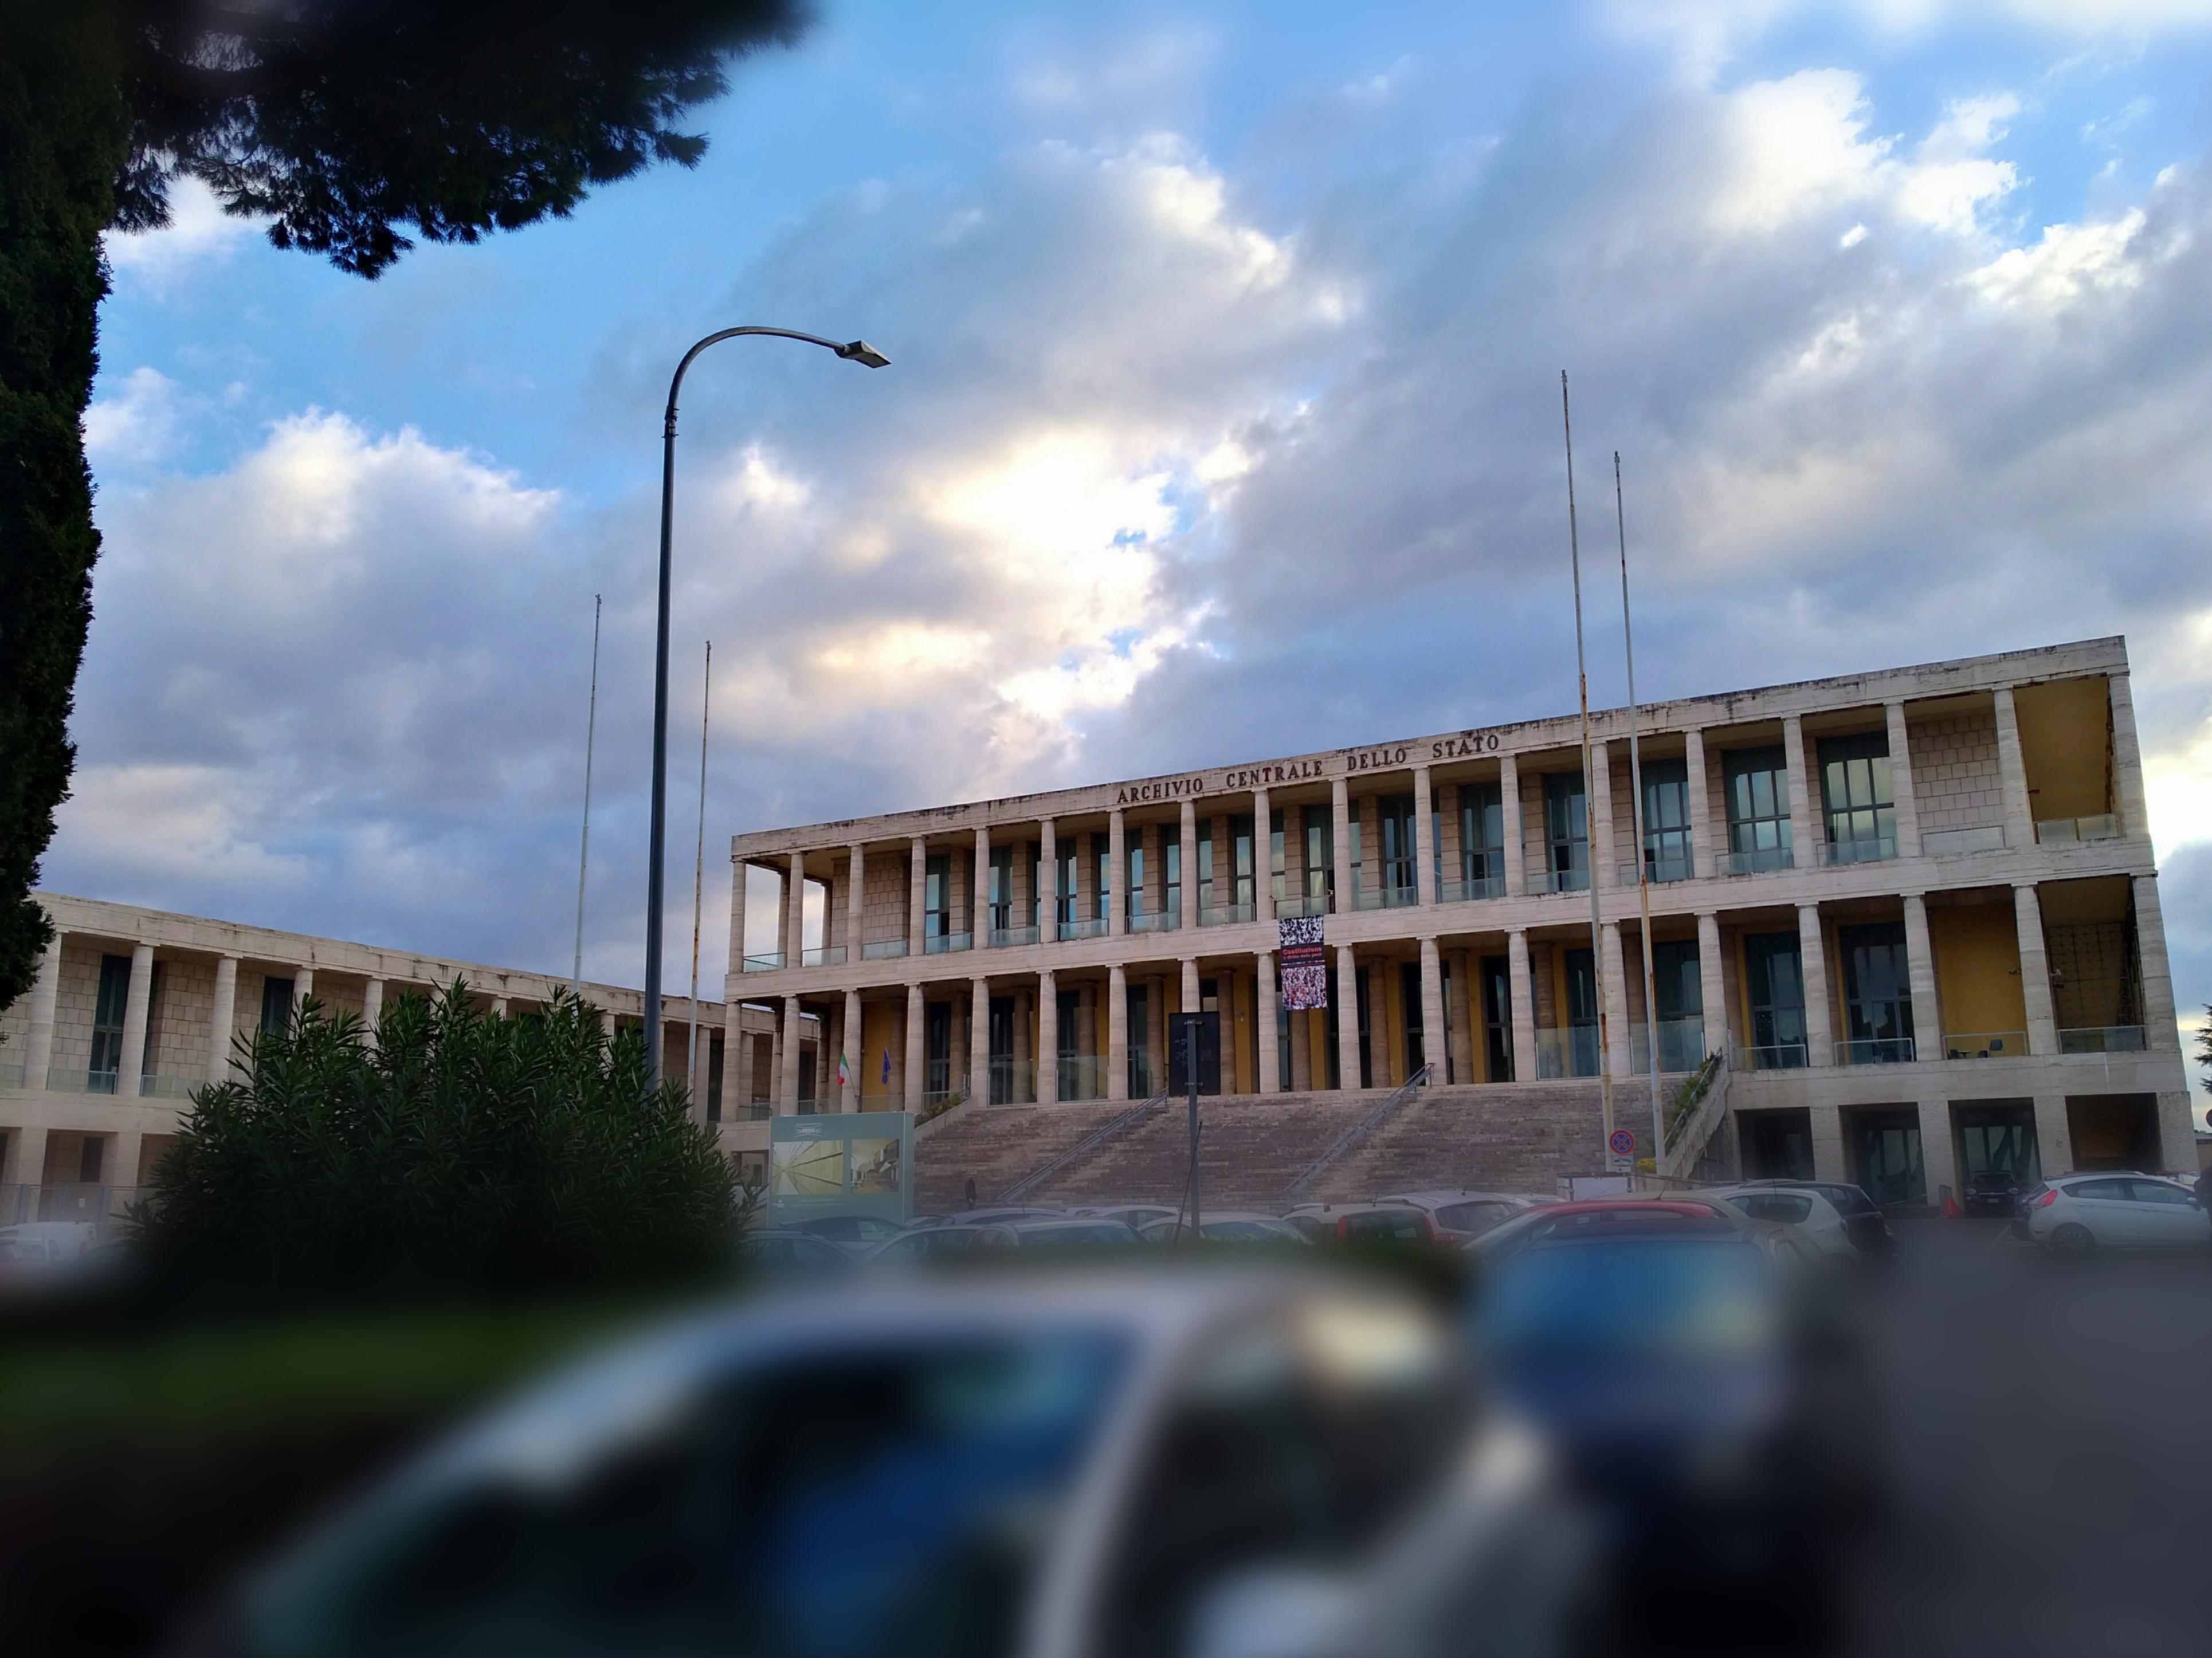 Giorno del ricordo a Sassuolo. L'edificio che ospita l'Archivio centrale dello Stato all'EUR. Foto di Paola Gemelli